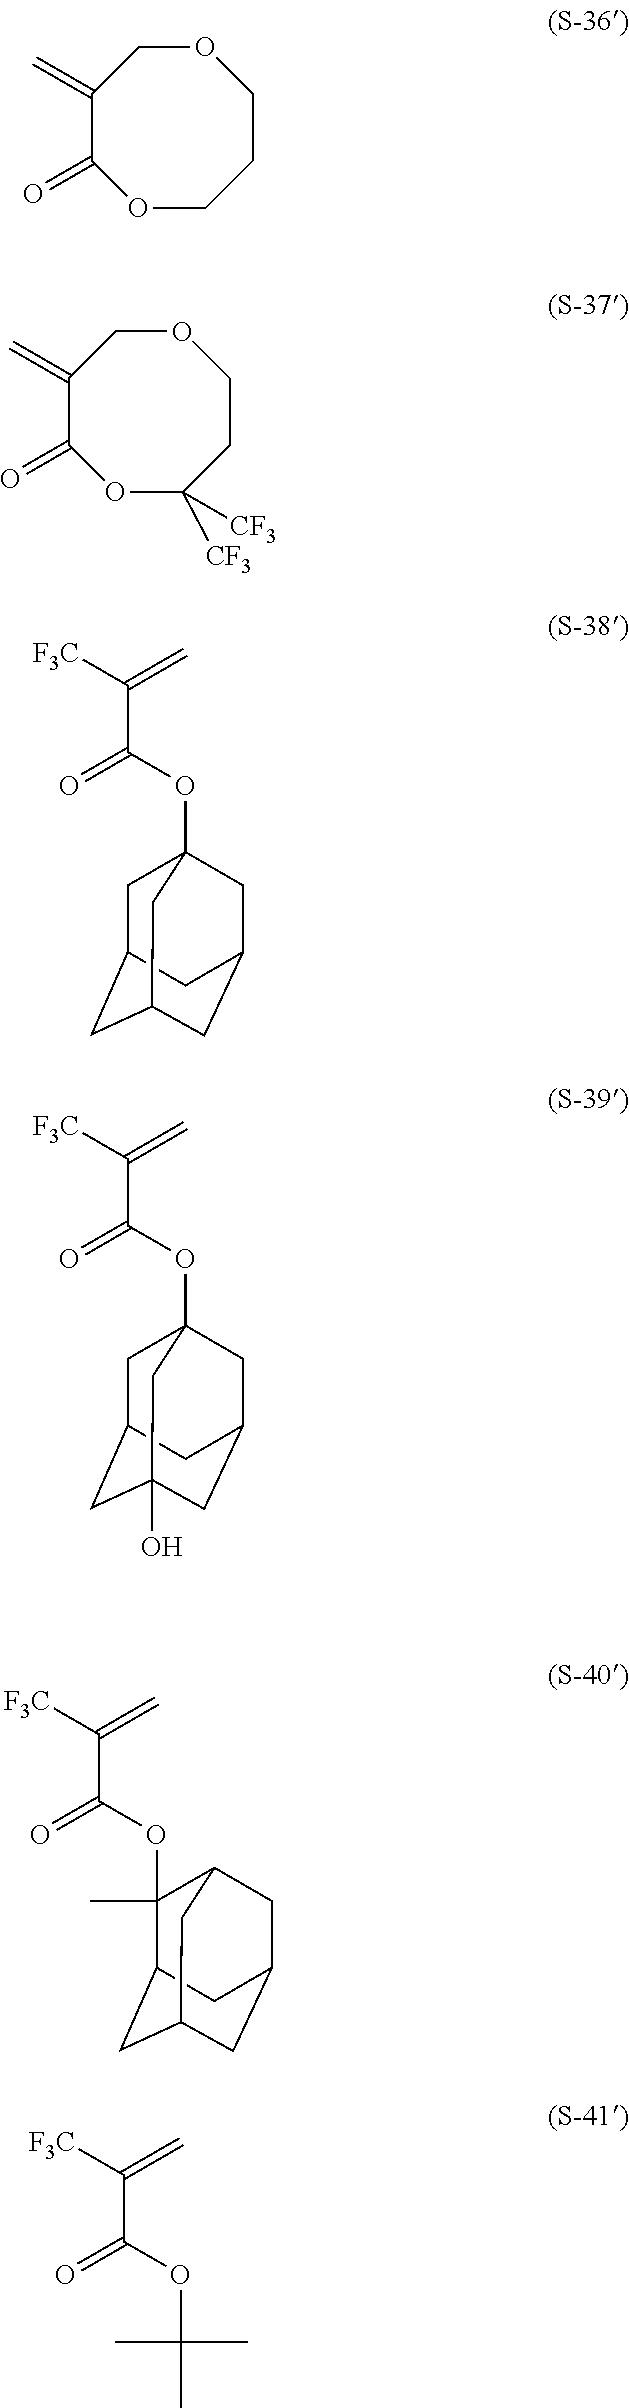 Figure US09477149-20161025-C00042